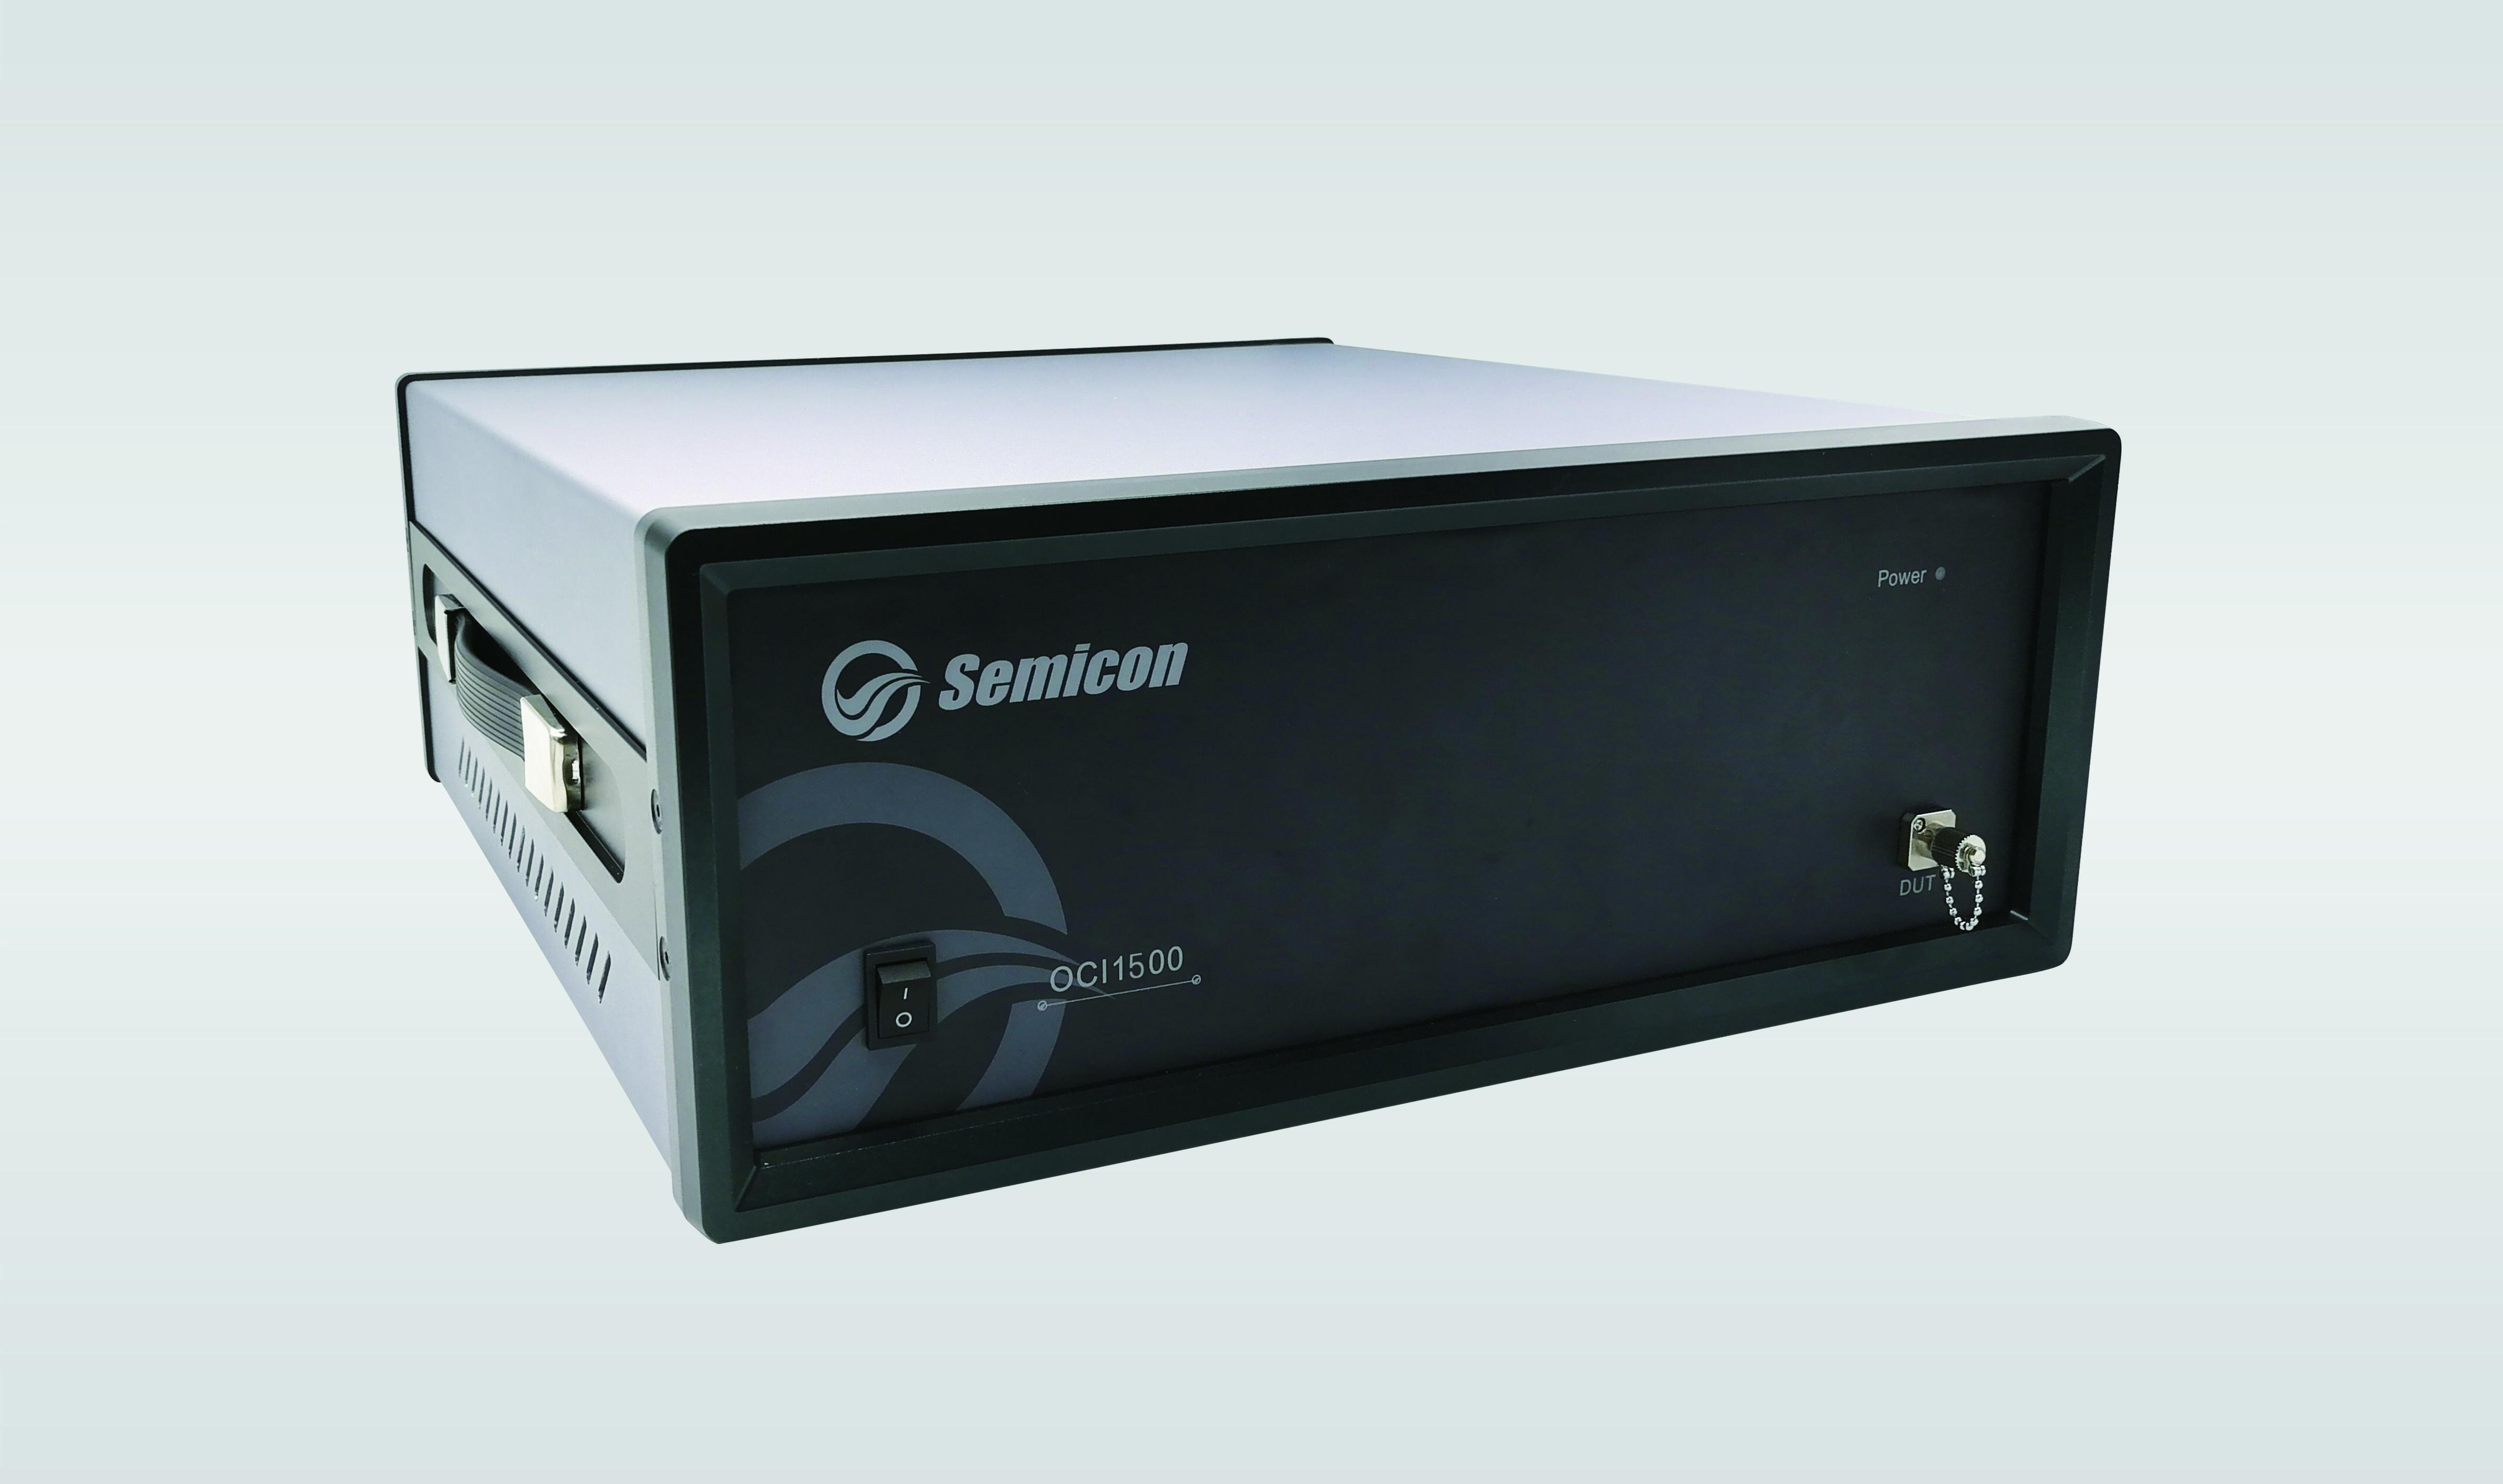 OCI1500光学链路诊断仪